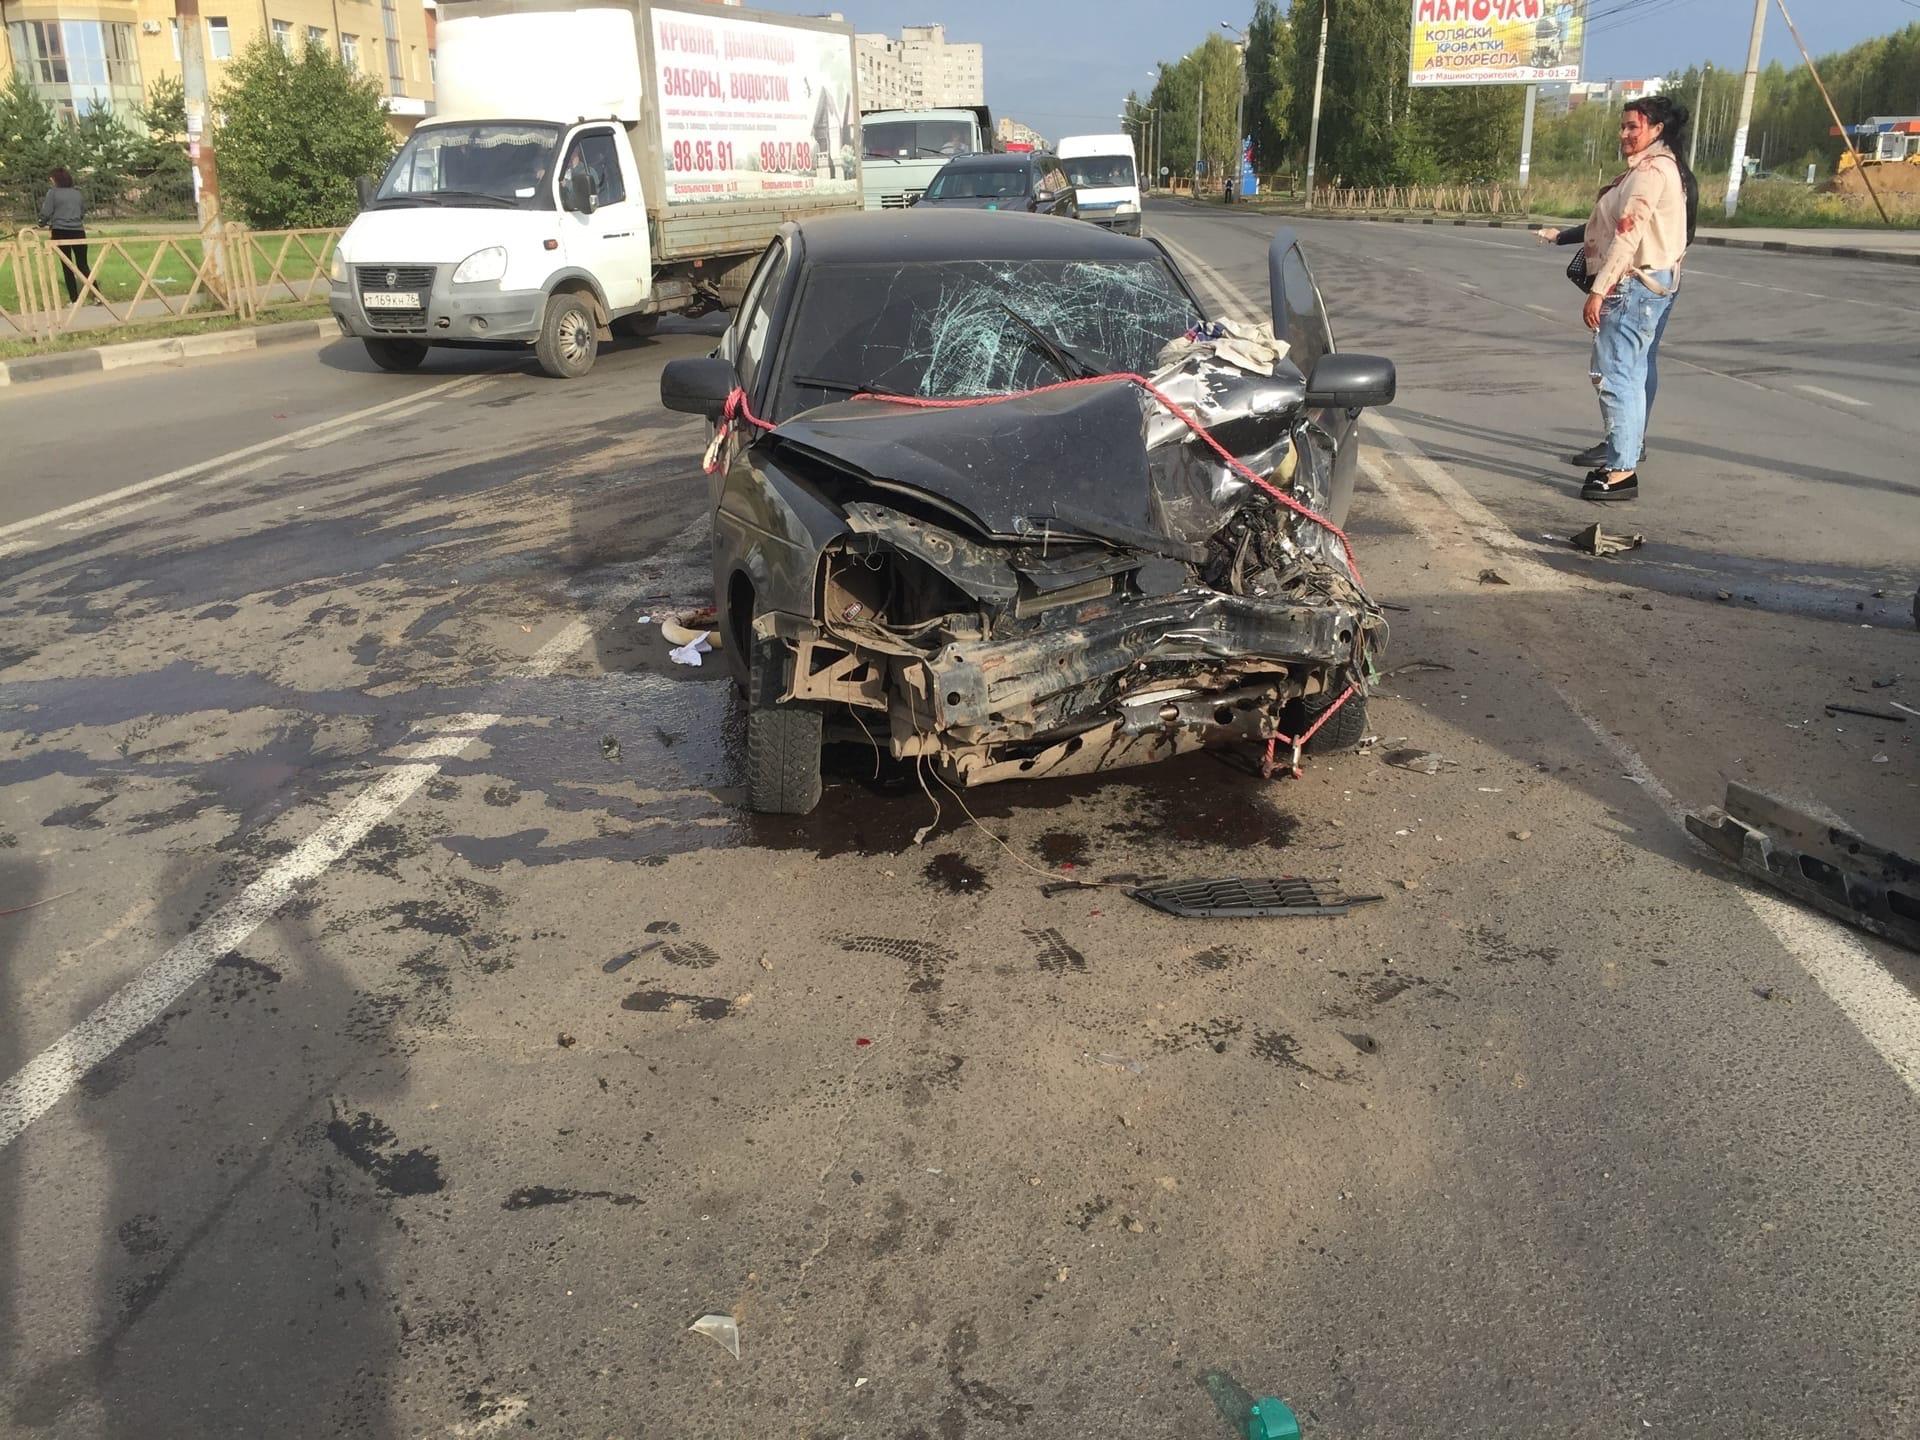 В ДТП с участием четырех машин за Волгой в Ярославле пострадала женщина: видео